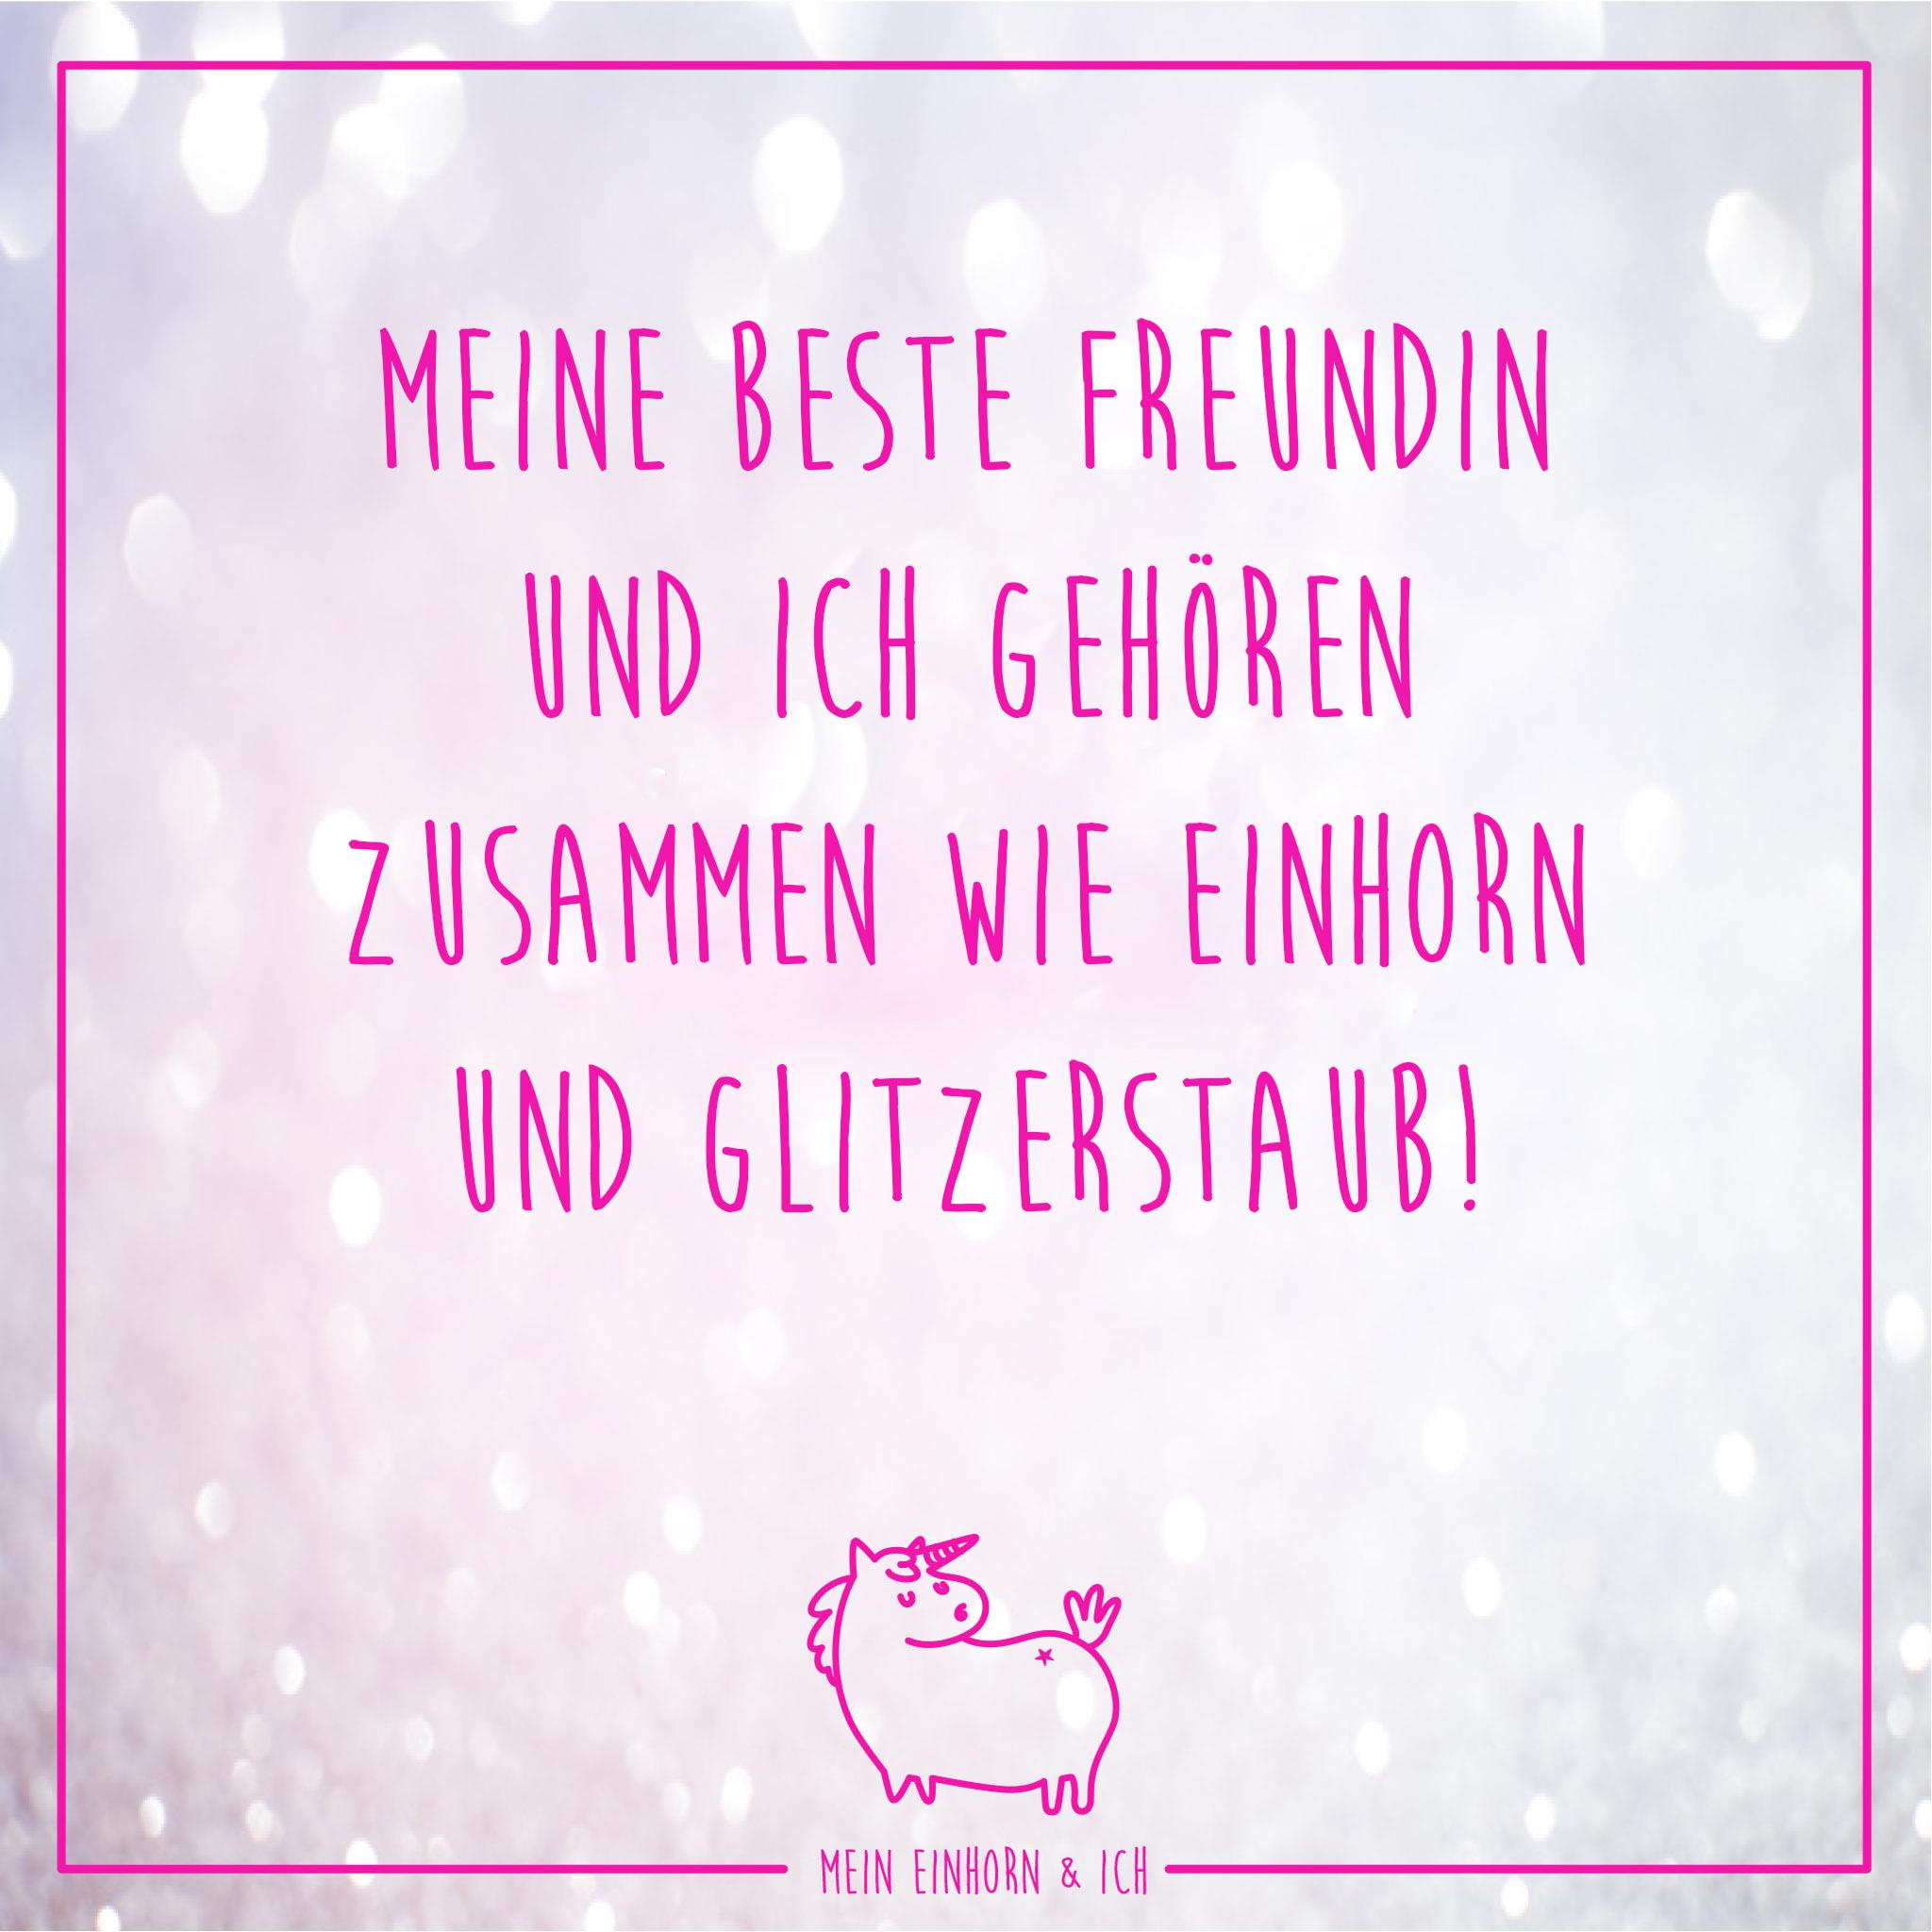 Geburtstagskarten Spruche Fur Die Beste Freundin.Geburtstagsspruche Beste Freunde Geburtstag Spruche Beste